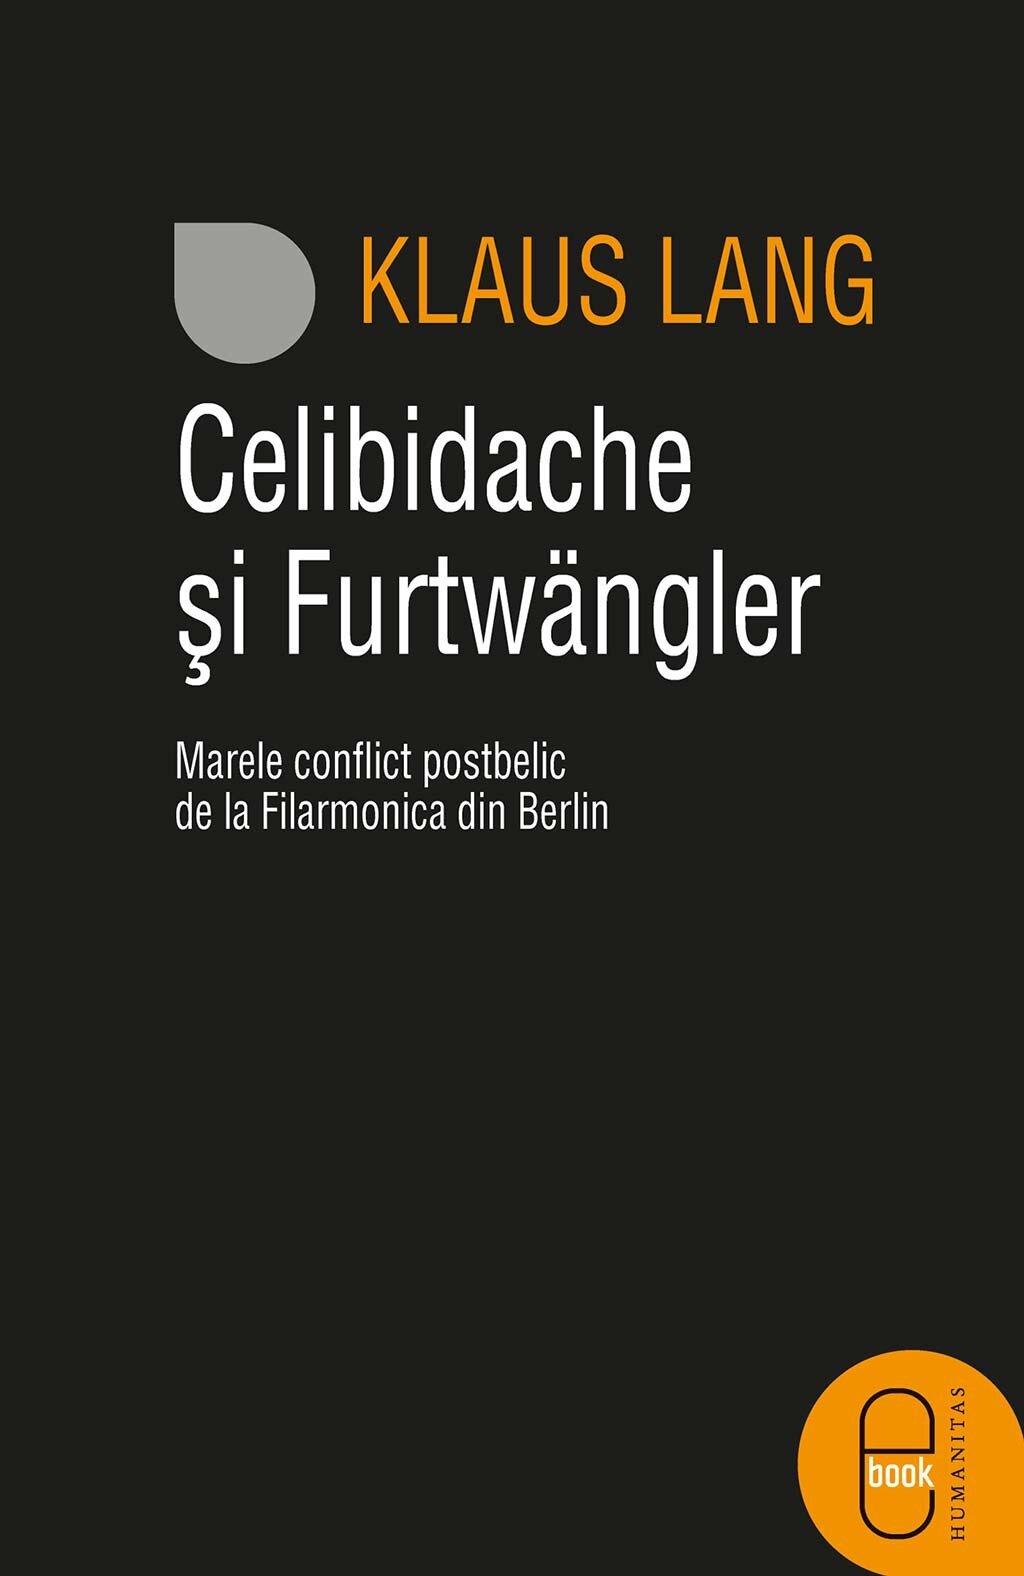 Celibidache si Furtwangler. Marele conflict postbelic de la Filarmonica din Berlin PDF (Download eBook)